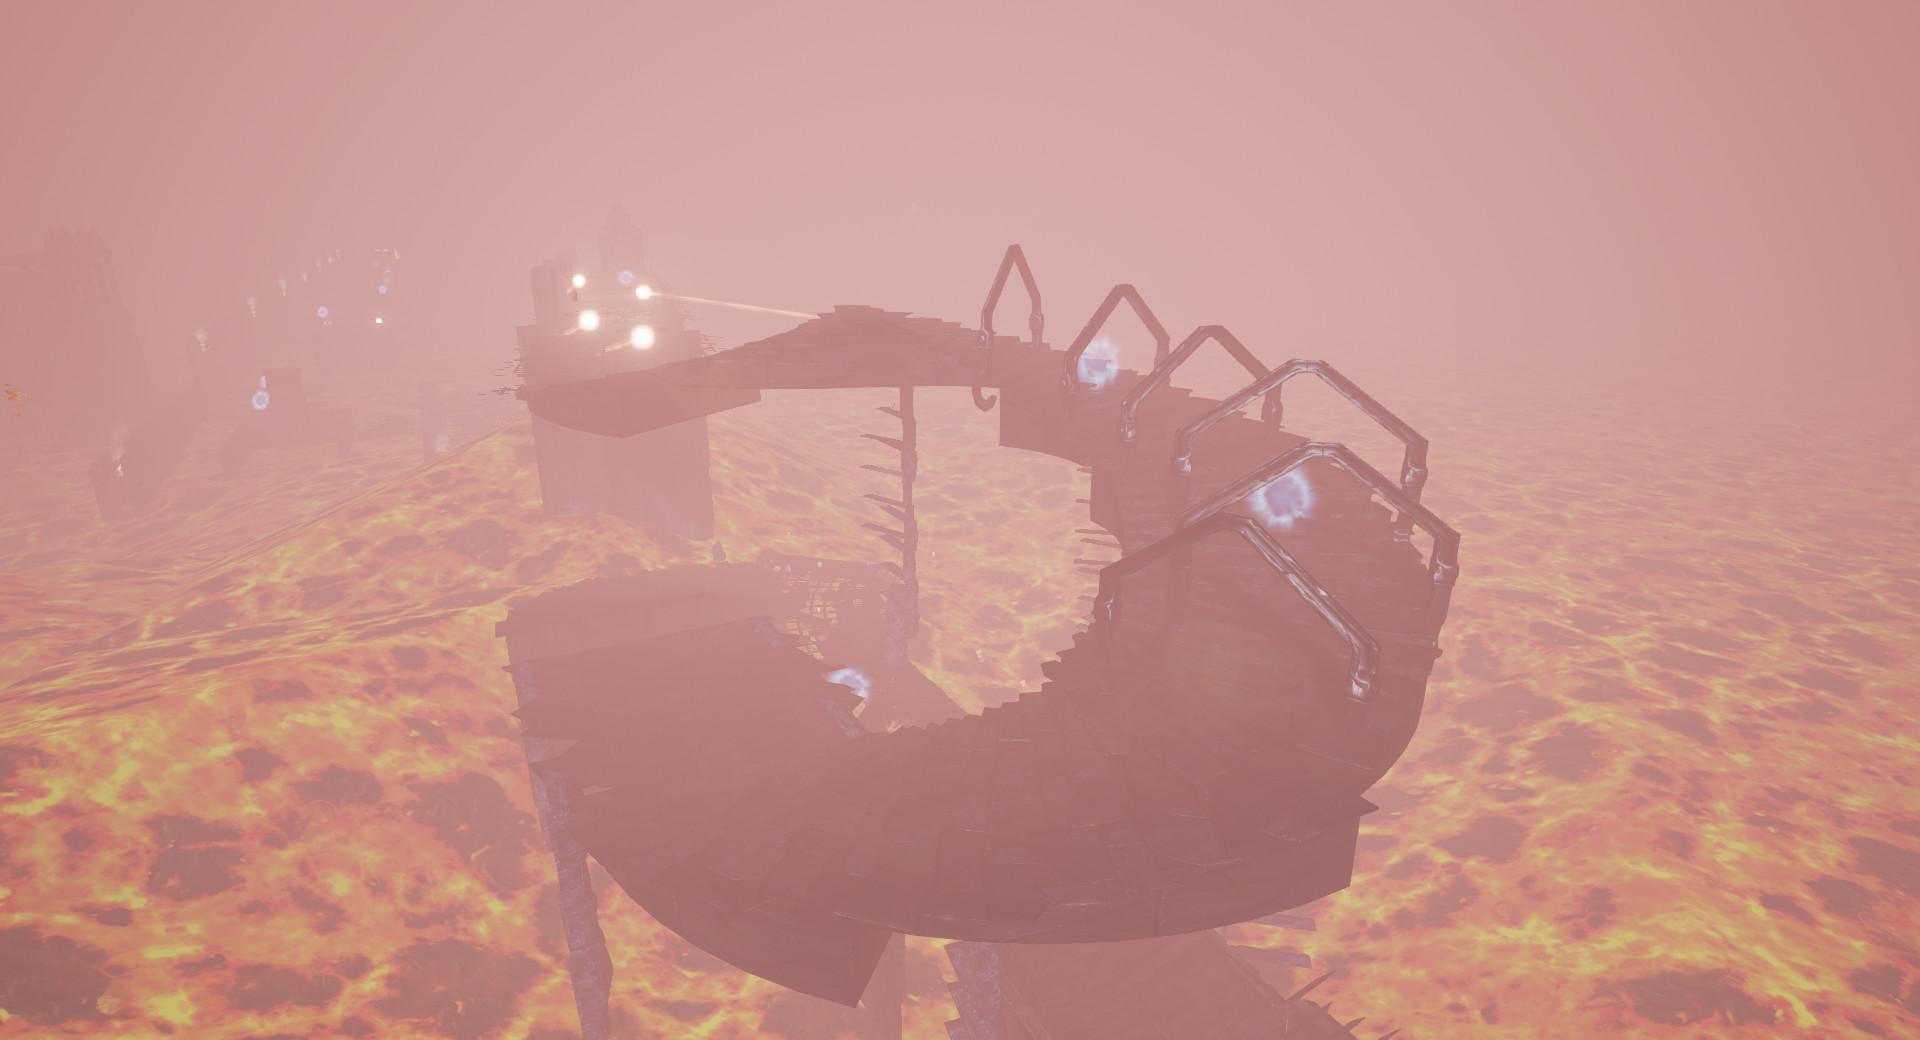 Ball of Light Screenshot 3